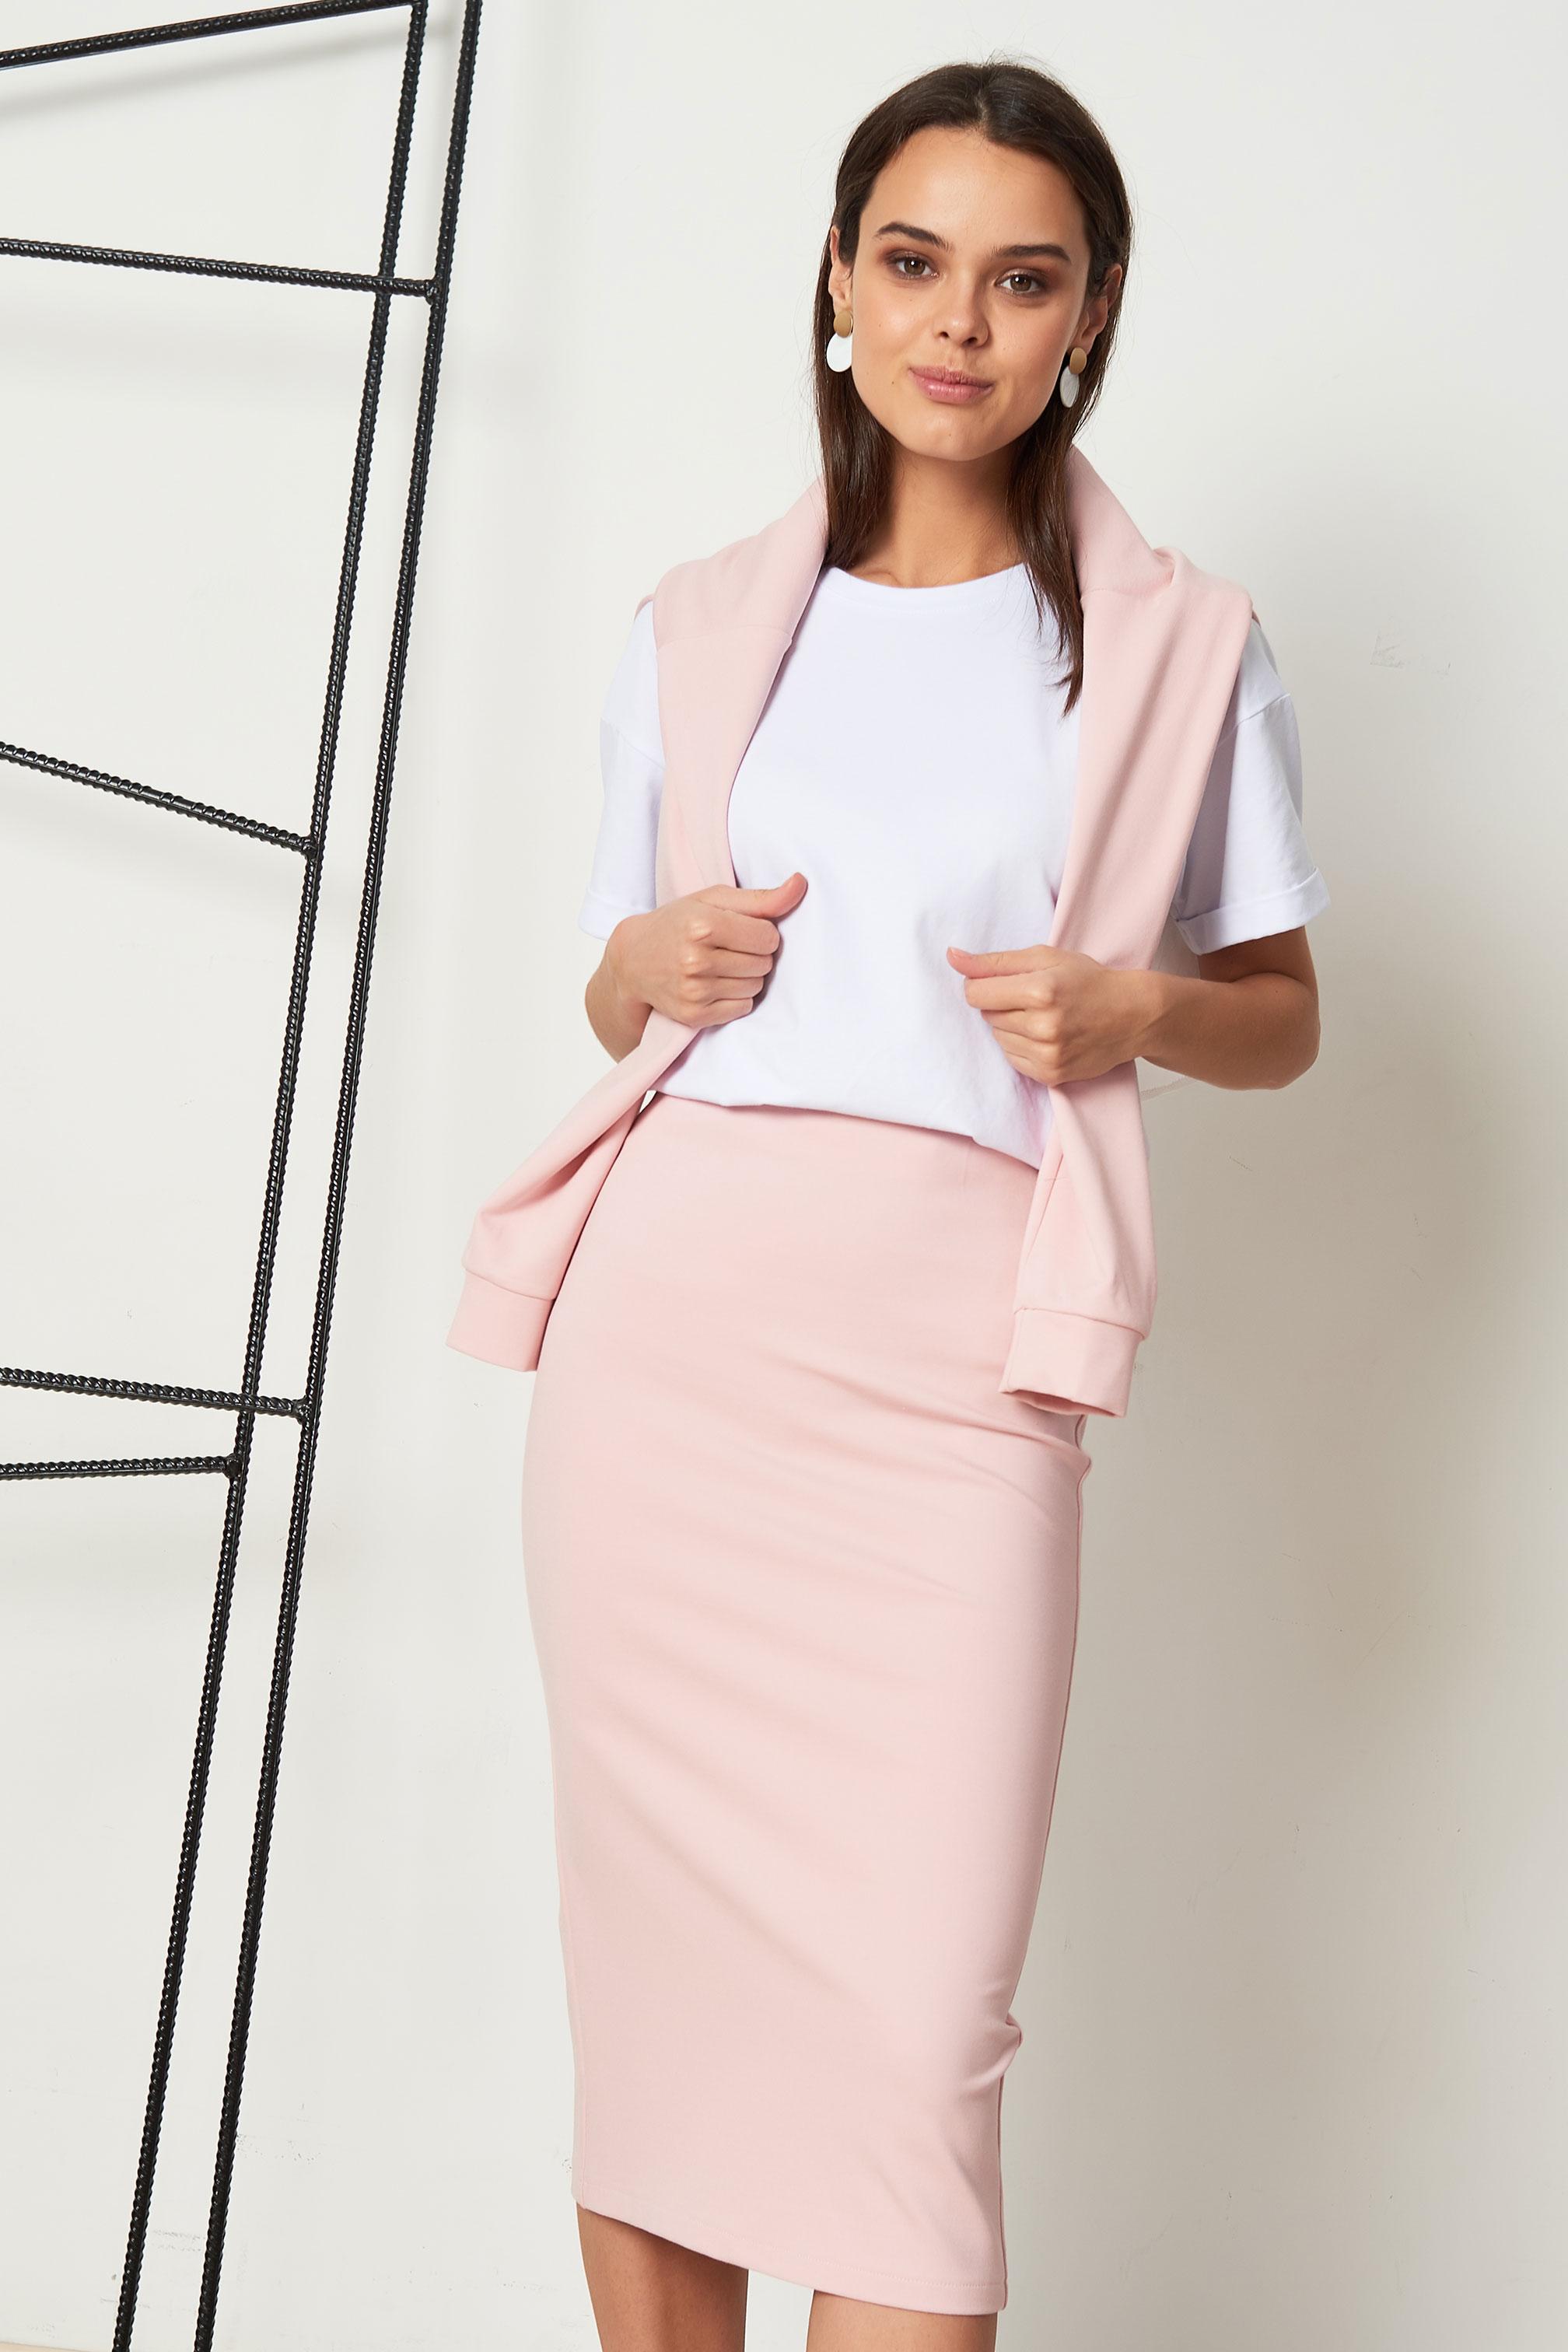 Юбка женская Viaville Лолита розовая 50 RU фото